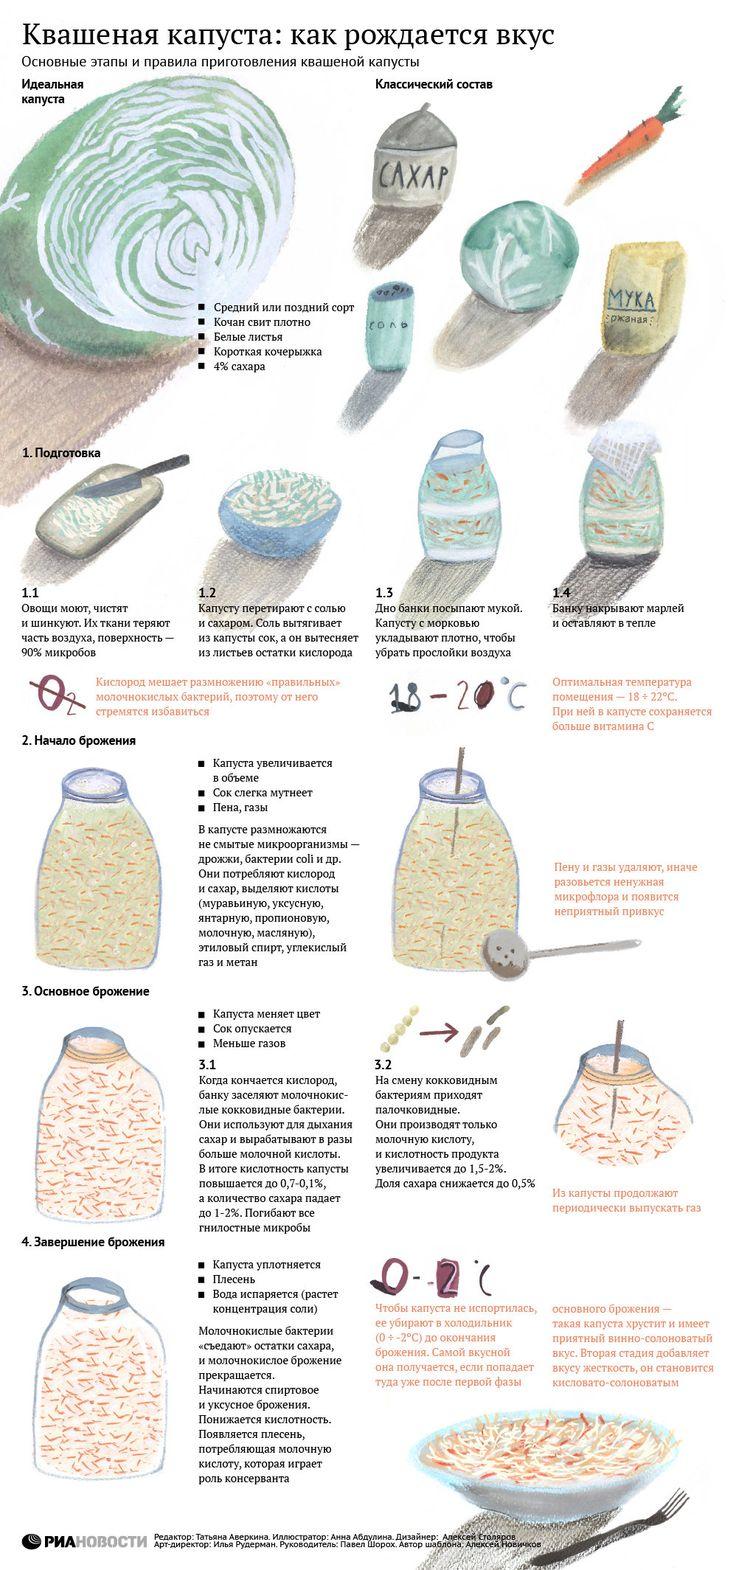 Квашеная капуста: как рождается вкус | РИА Новости